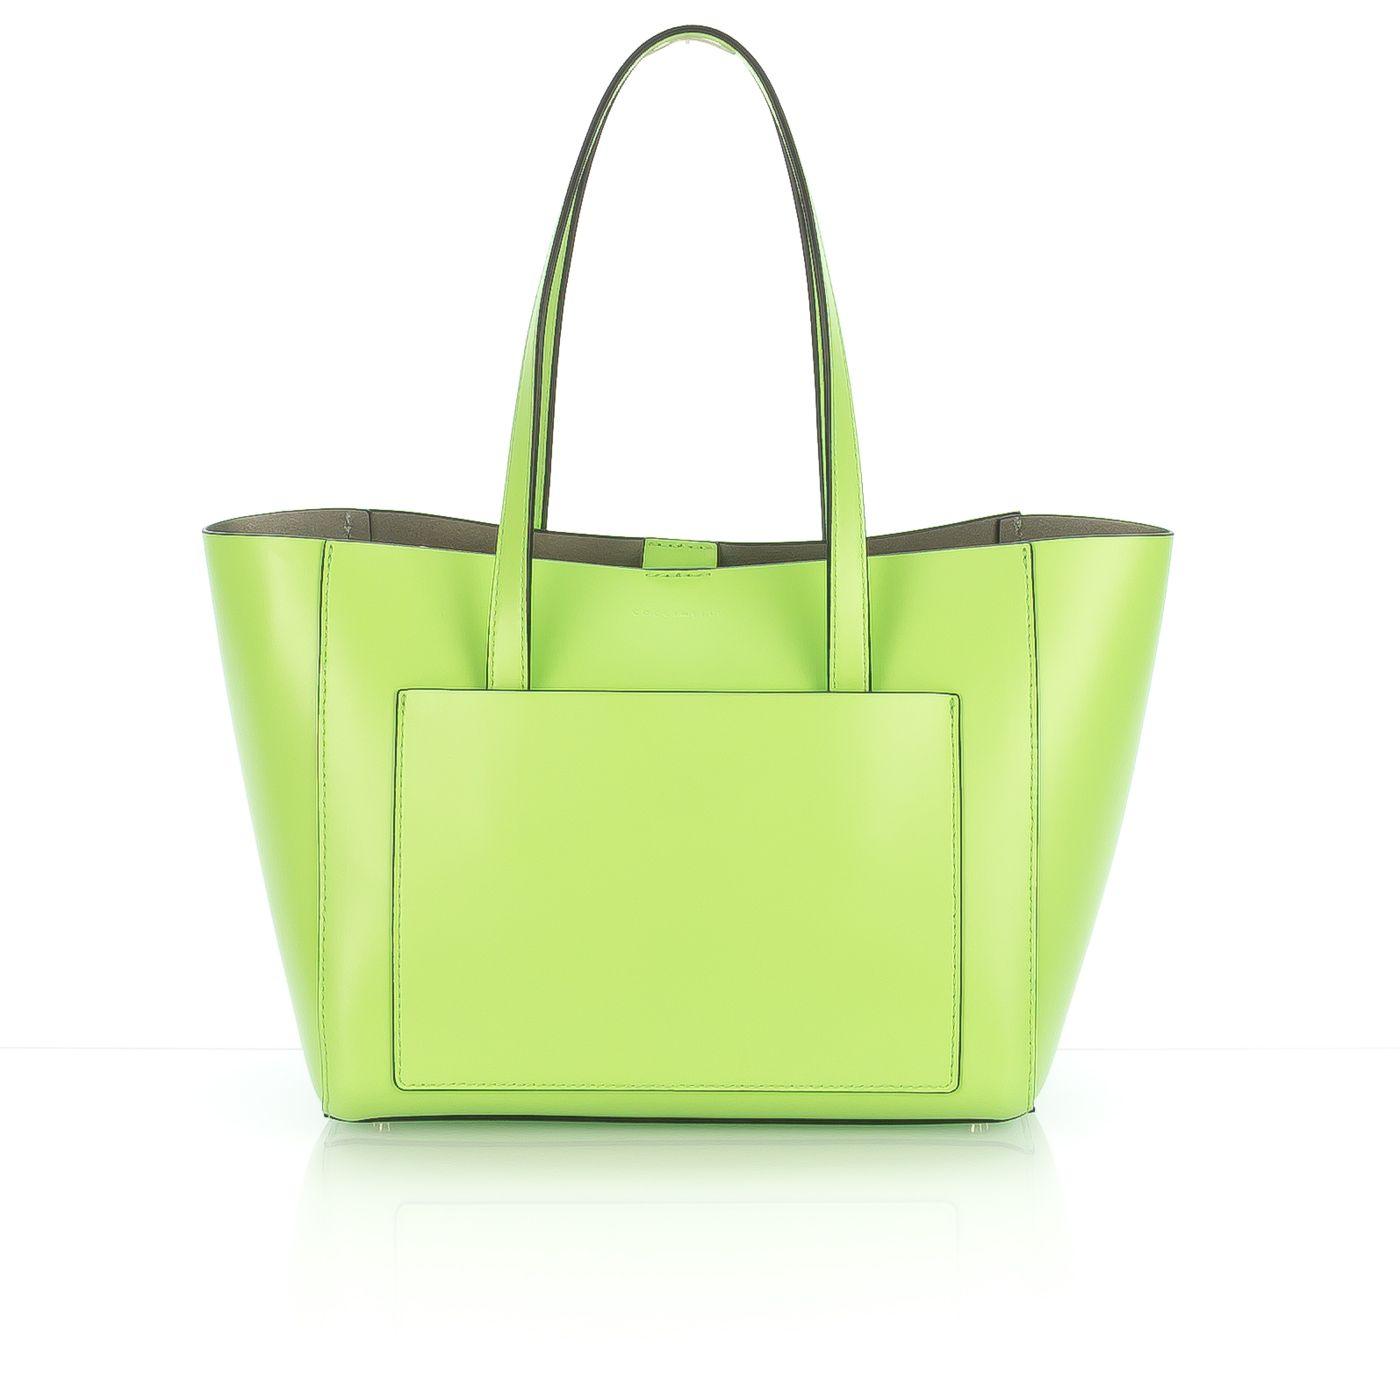 623b5bce34 Borsa shopping bag donna COCCINELLE, ZONA TREVISO